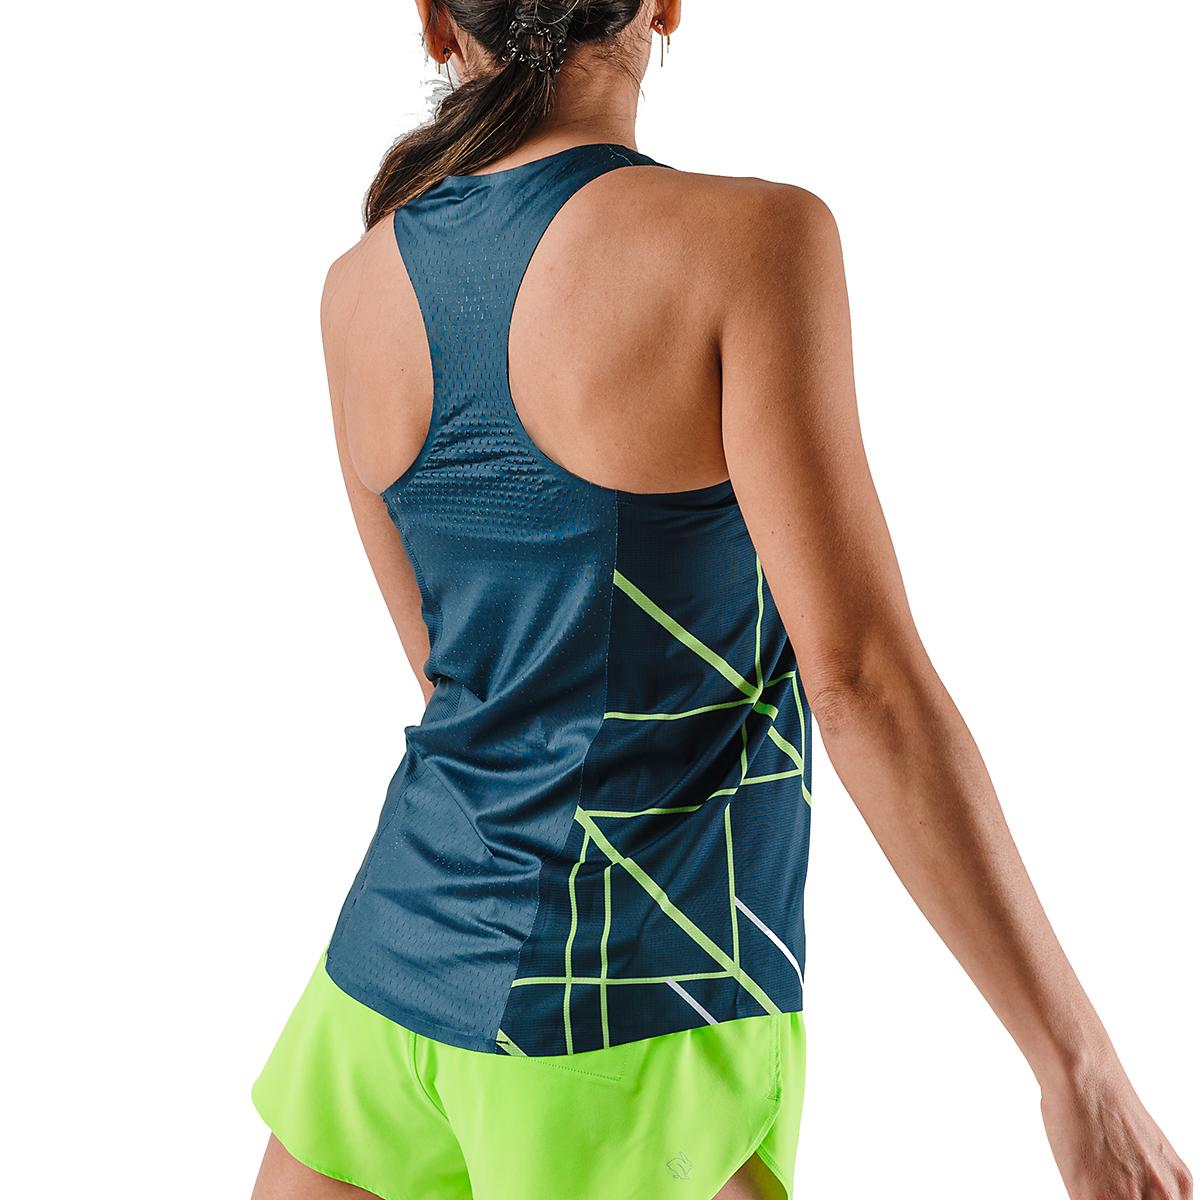 Women's Rabbit Speedeez Singlet - Color: Dress Blues/Green Gecko - Size: XS, Dress Blues/Green Gecko, large, image 2